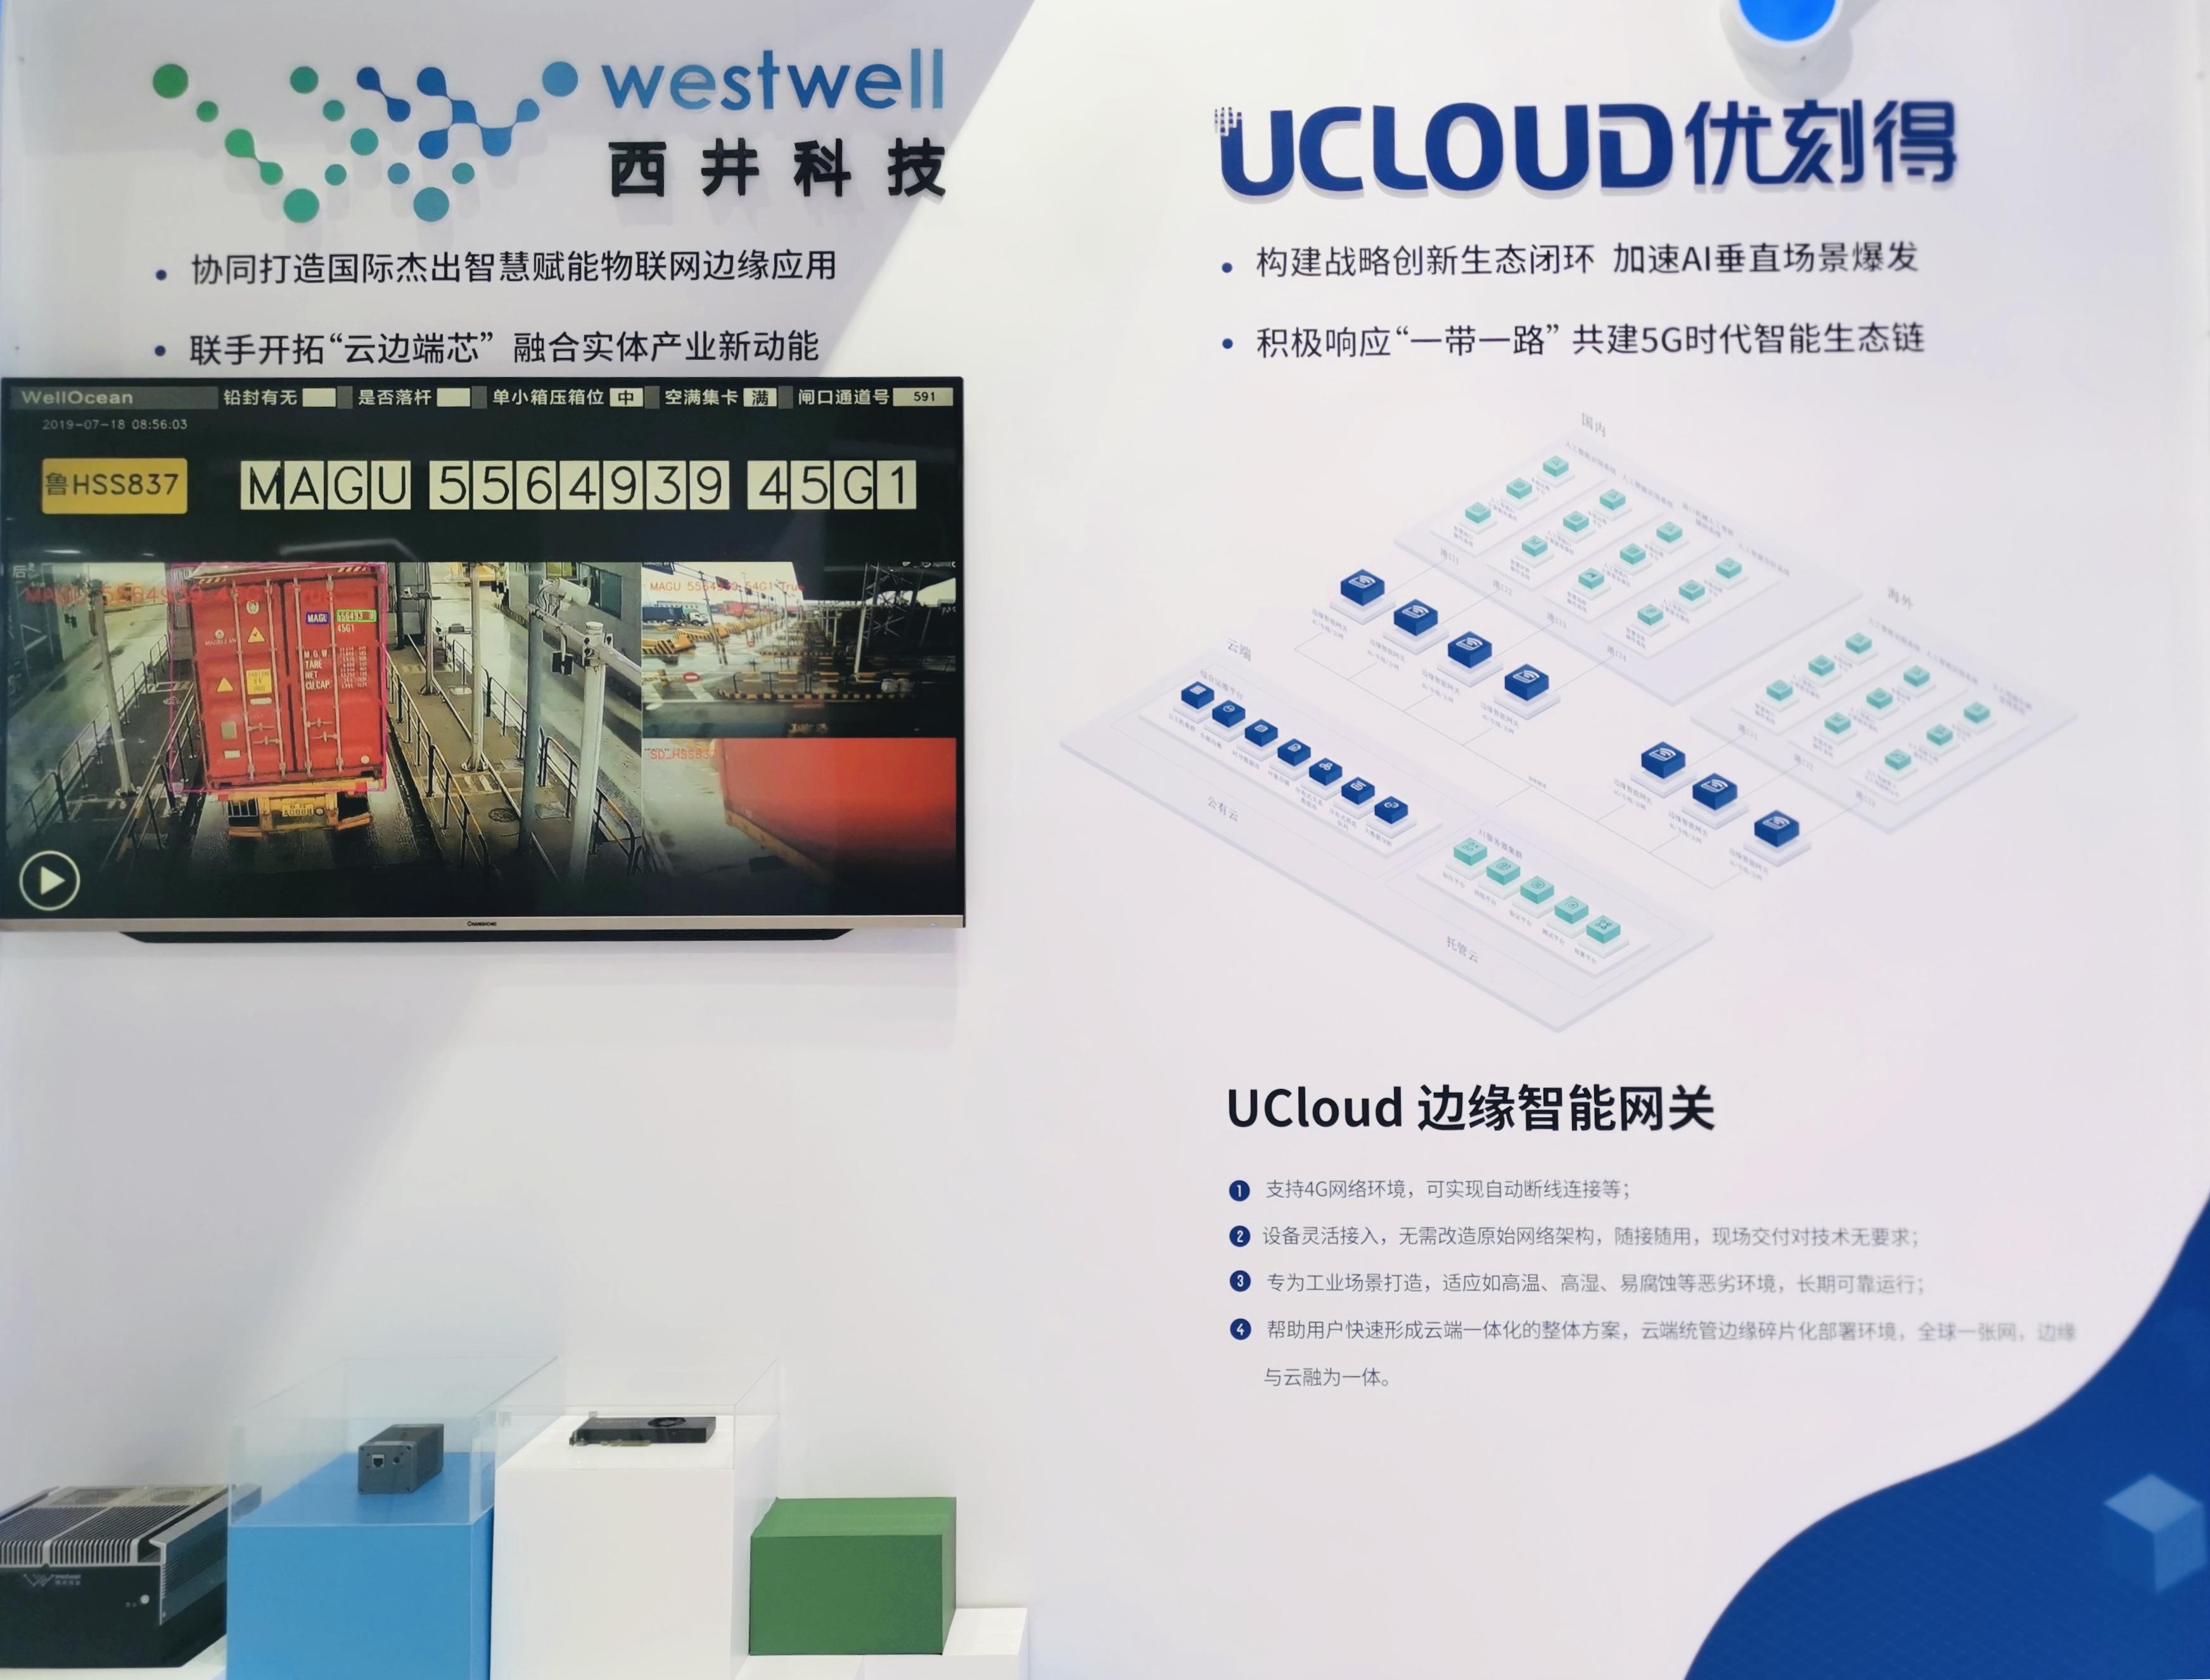 UCloud优刻得与西井科技战略合作,共同打造全栈式边缘智能解决方案